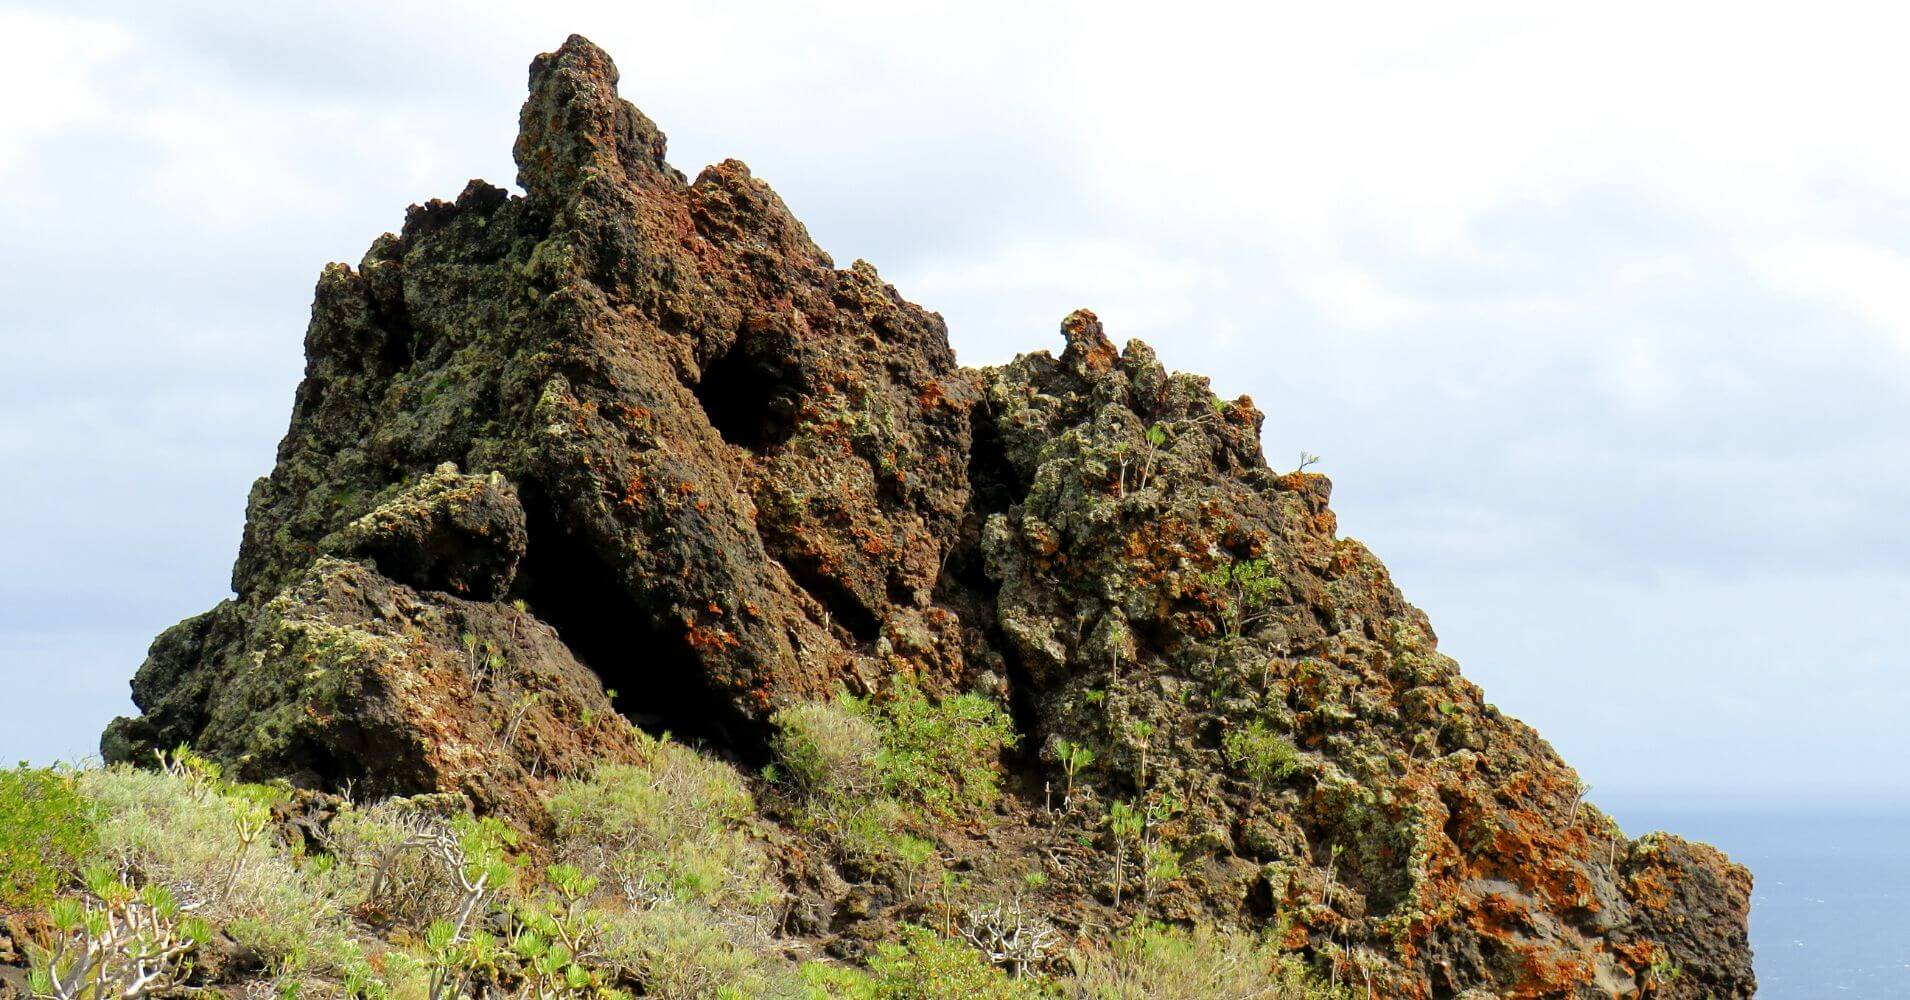 Parque Nacional de la Caldera de Taburiente. Isla de La Palma en Invierno. Islas Canarias.